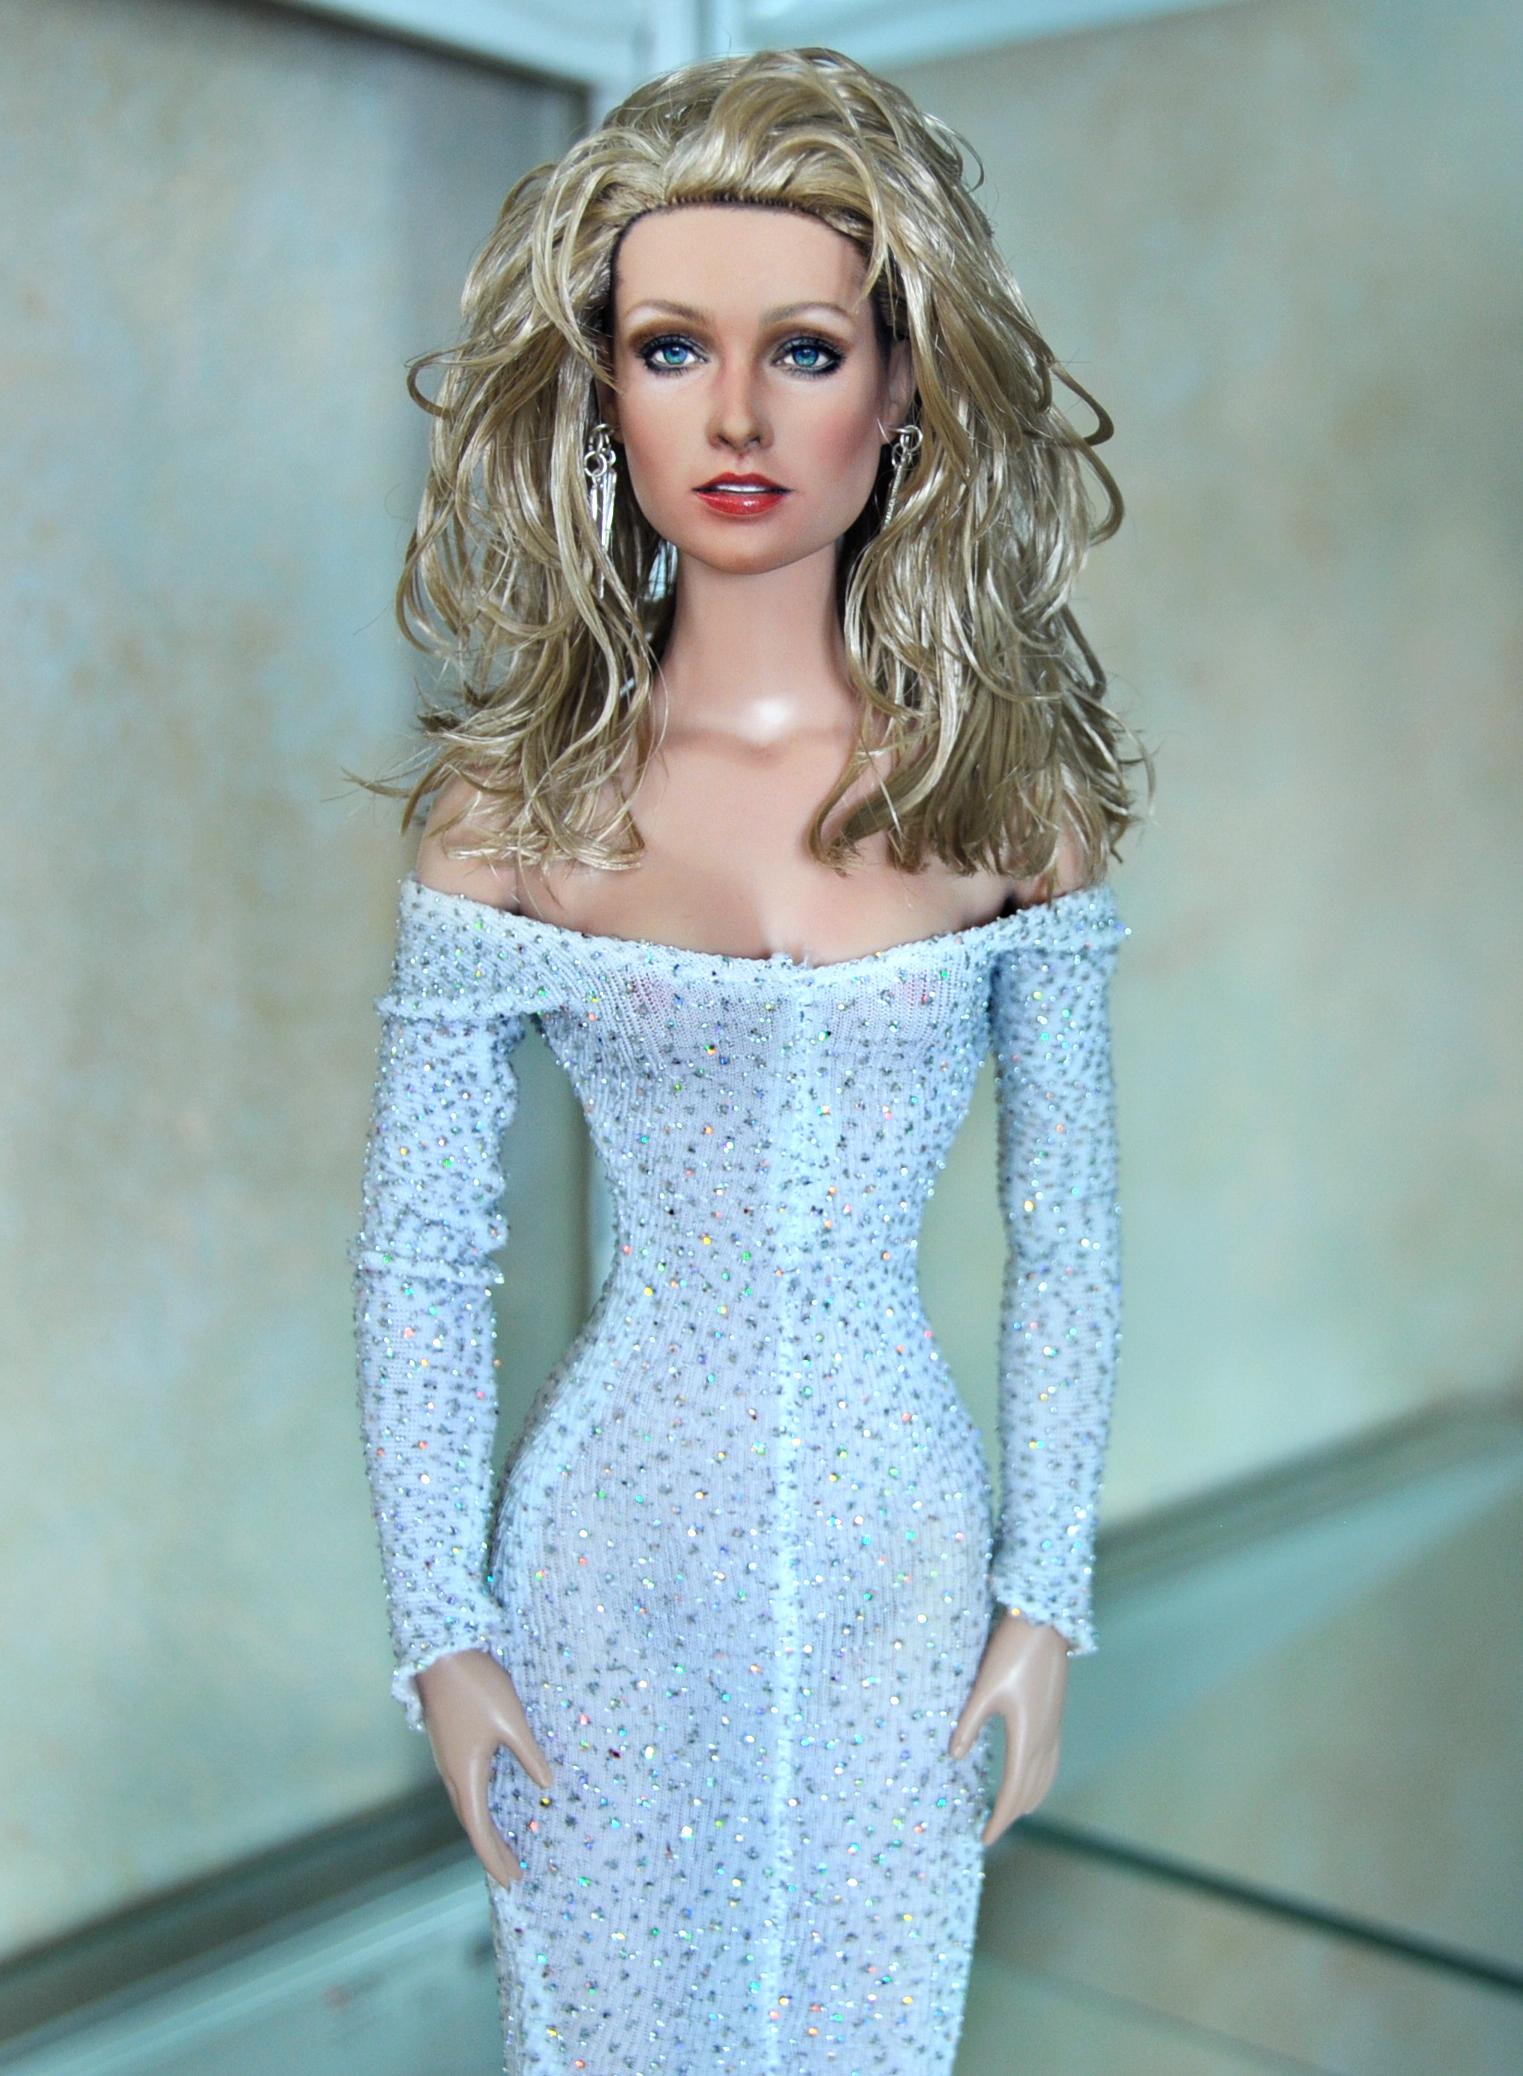 custom Farrah Fawcett doll repaint - pic 2 by noeling